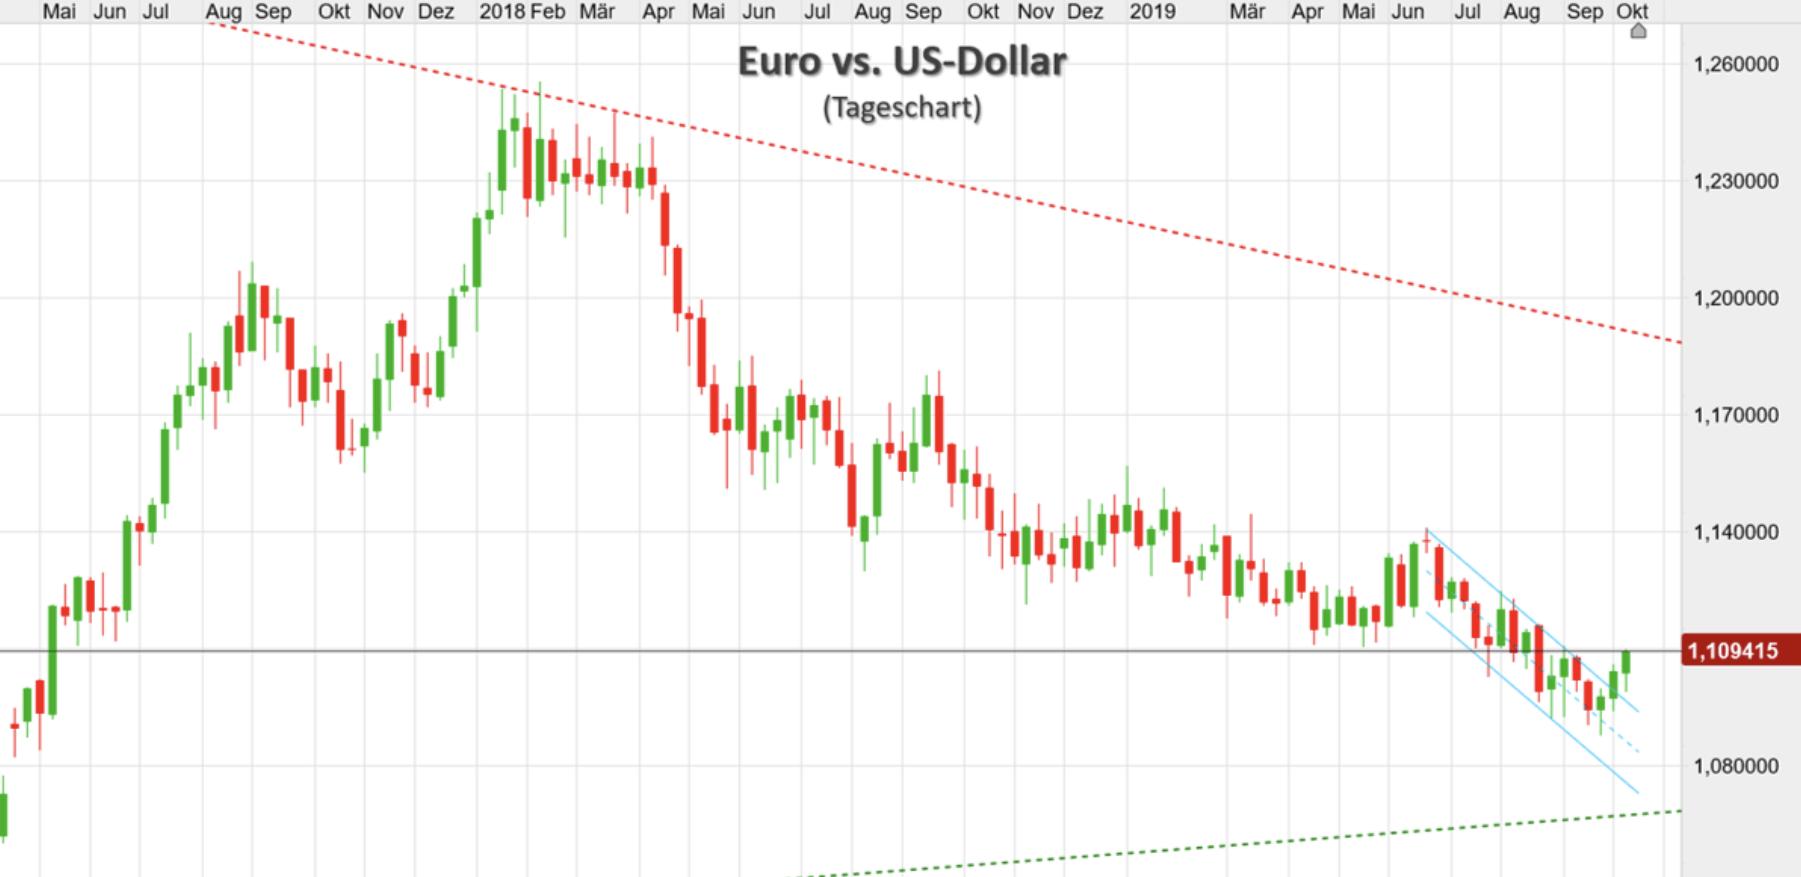 Euro vs US-Dollar langfristig